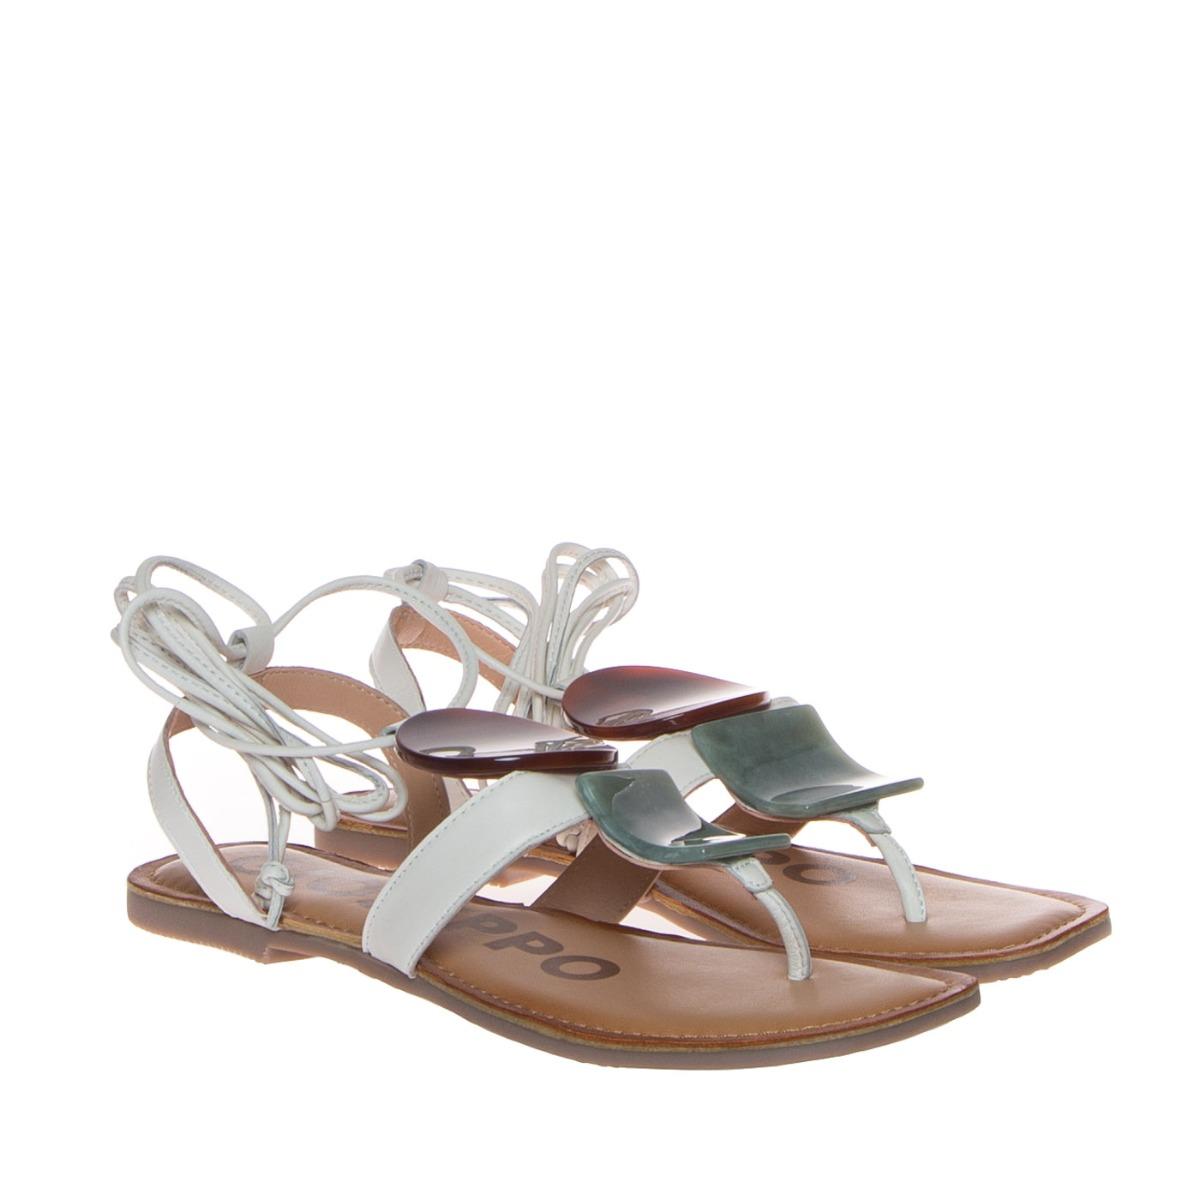 Gioseppo 58775 Sandalo Donna Bianco Pietre